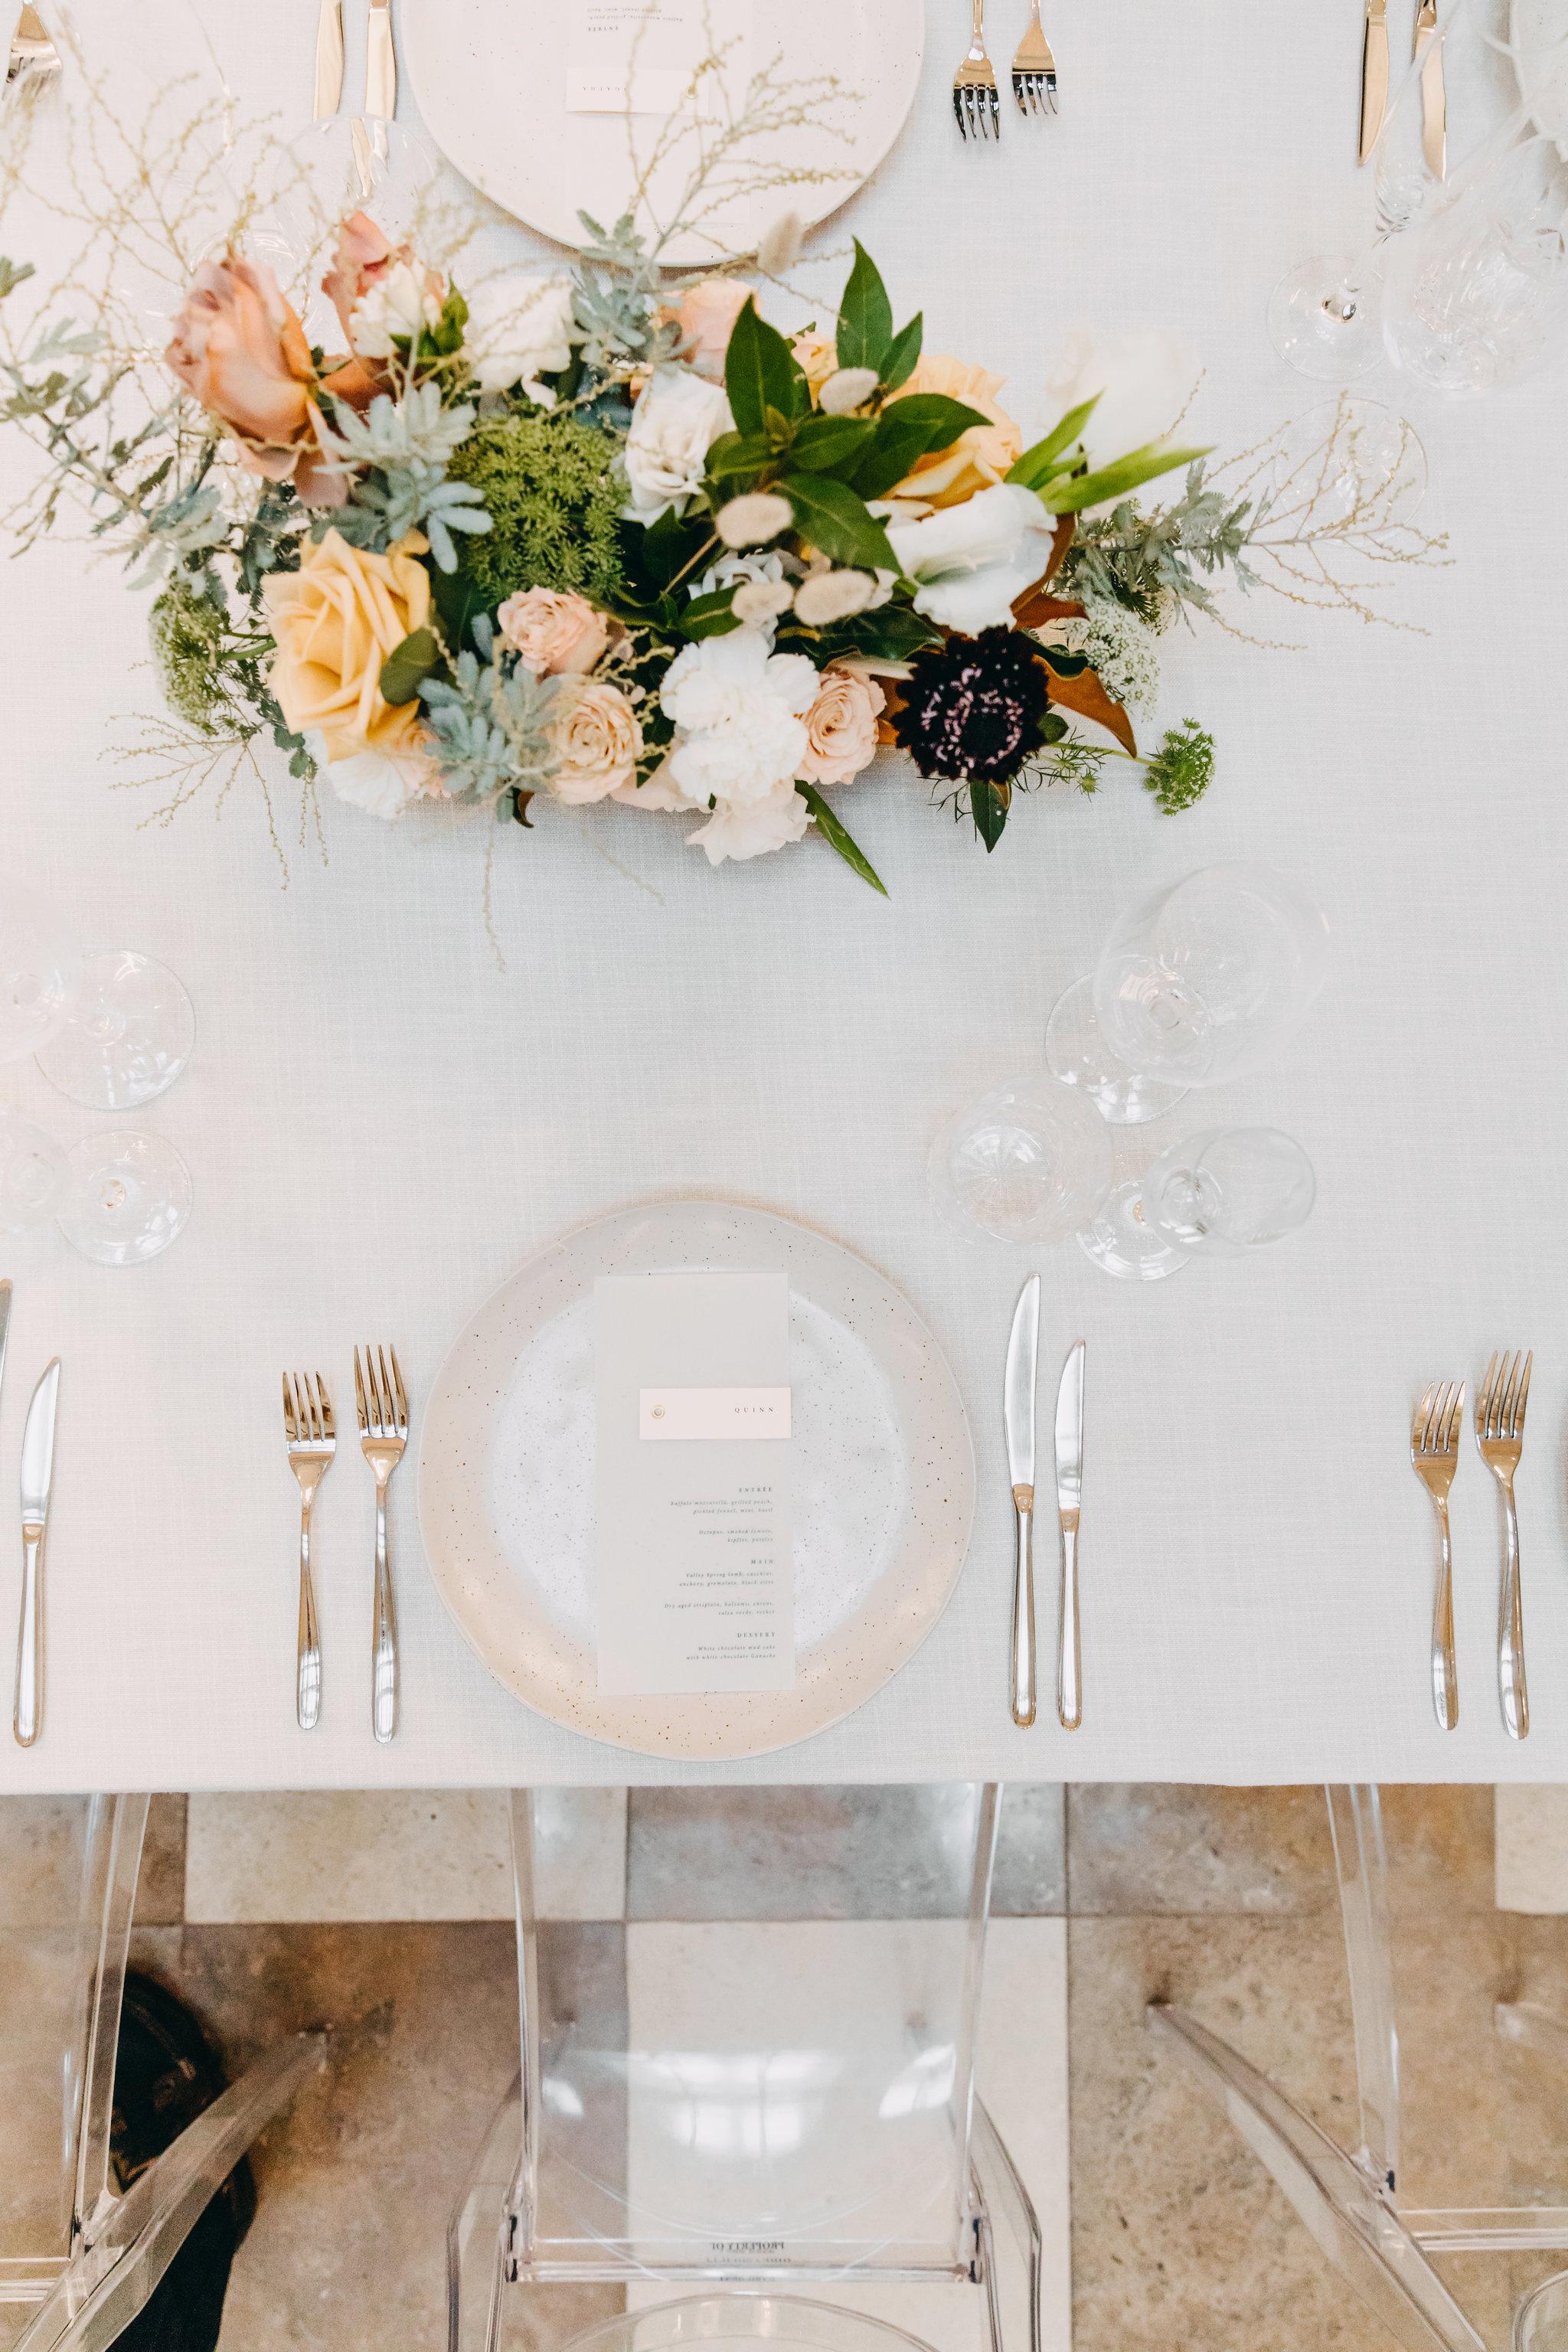 WEDDINGOPENDAY-STATEBUILDINGS-APR2018-33